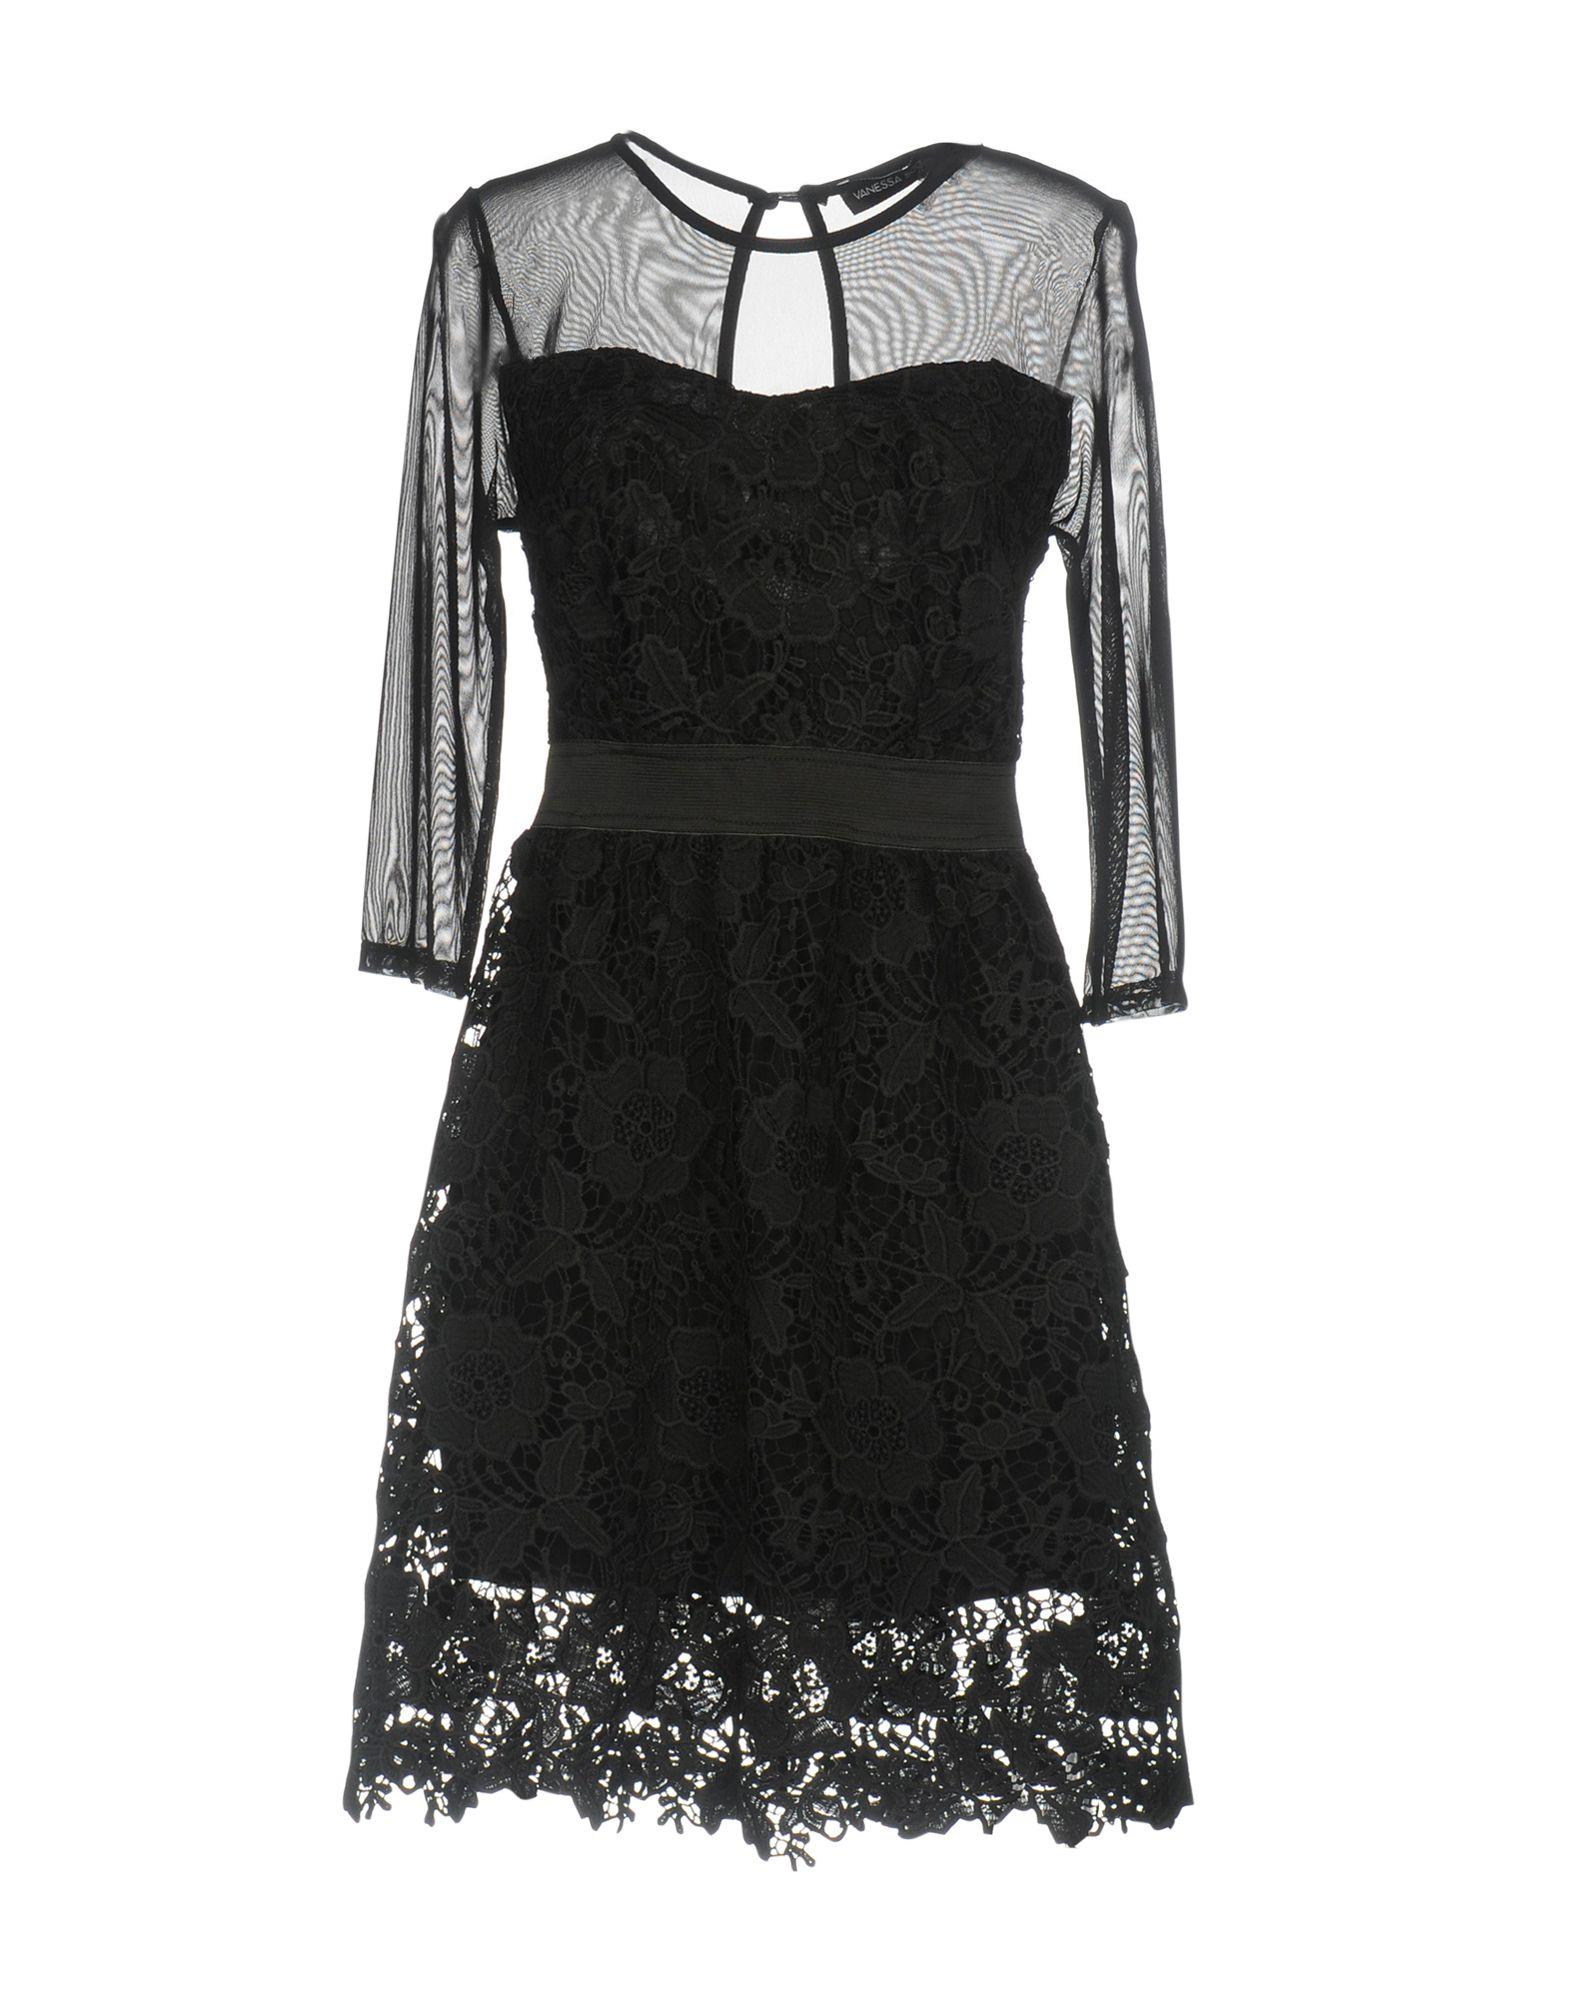 VANESSA SCOTT Damen Kurzes Kleid Farbe Schwarz Größe 4 - broschei